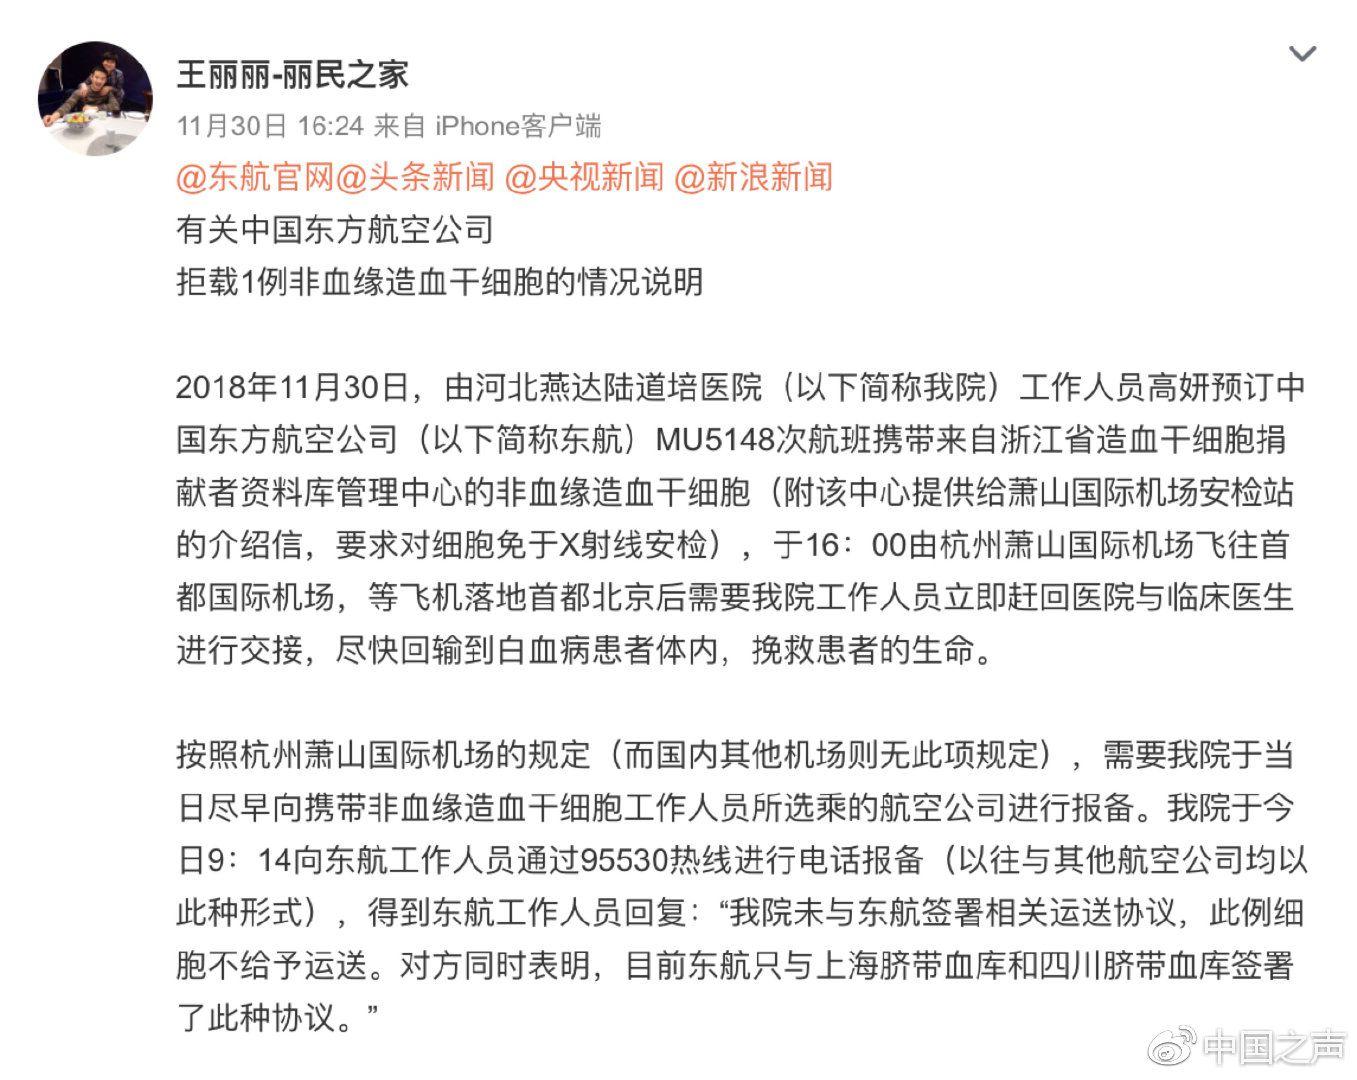 东航拒载医院造血干细胞储运箱 称储运箱手续不全